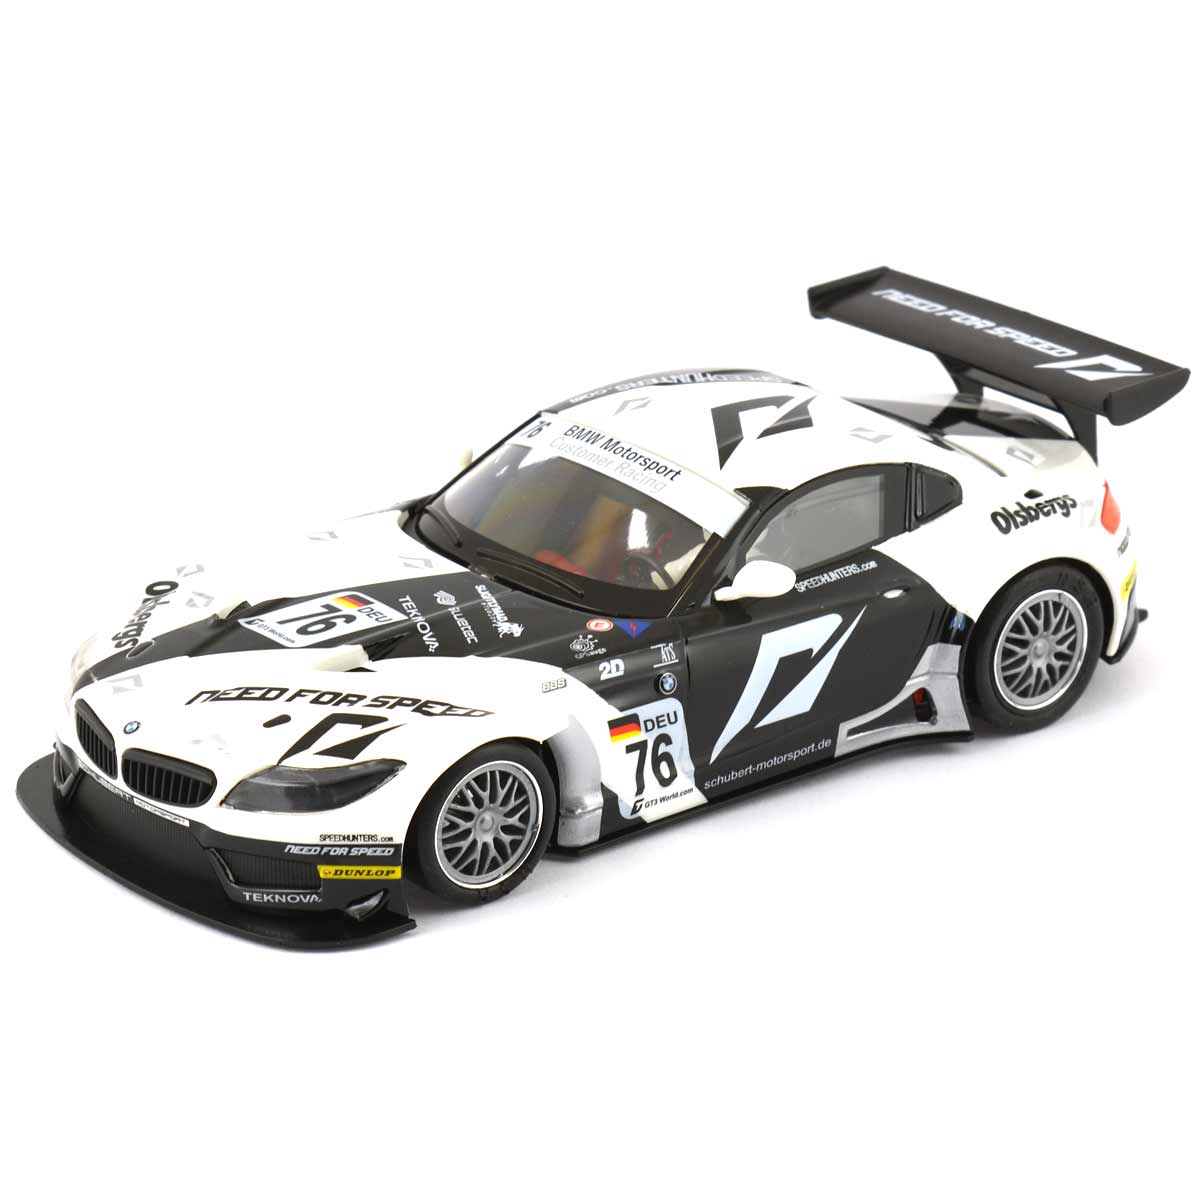 Bmw Z4 Gt3: NSR BMW Z4 No.76 FIA GT3 Euro Championship 2010 (NSR-0011